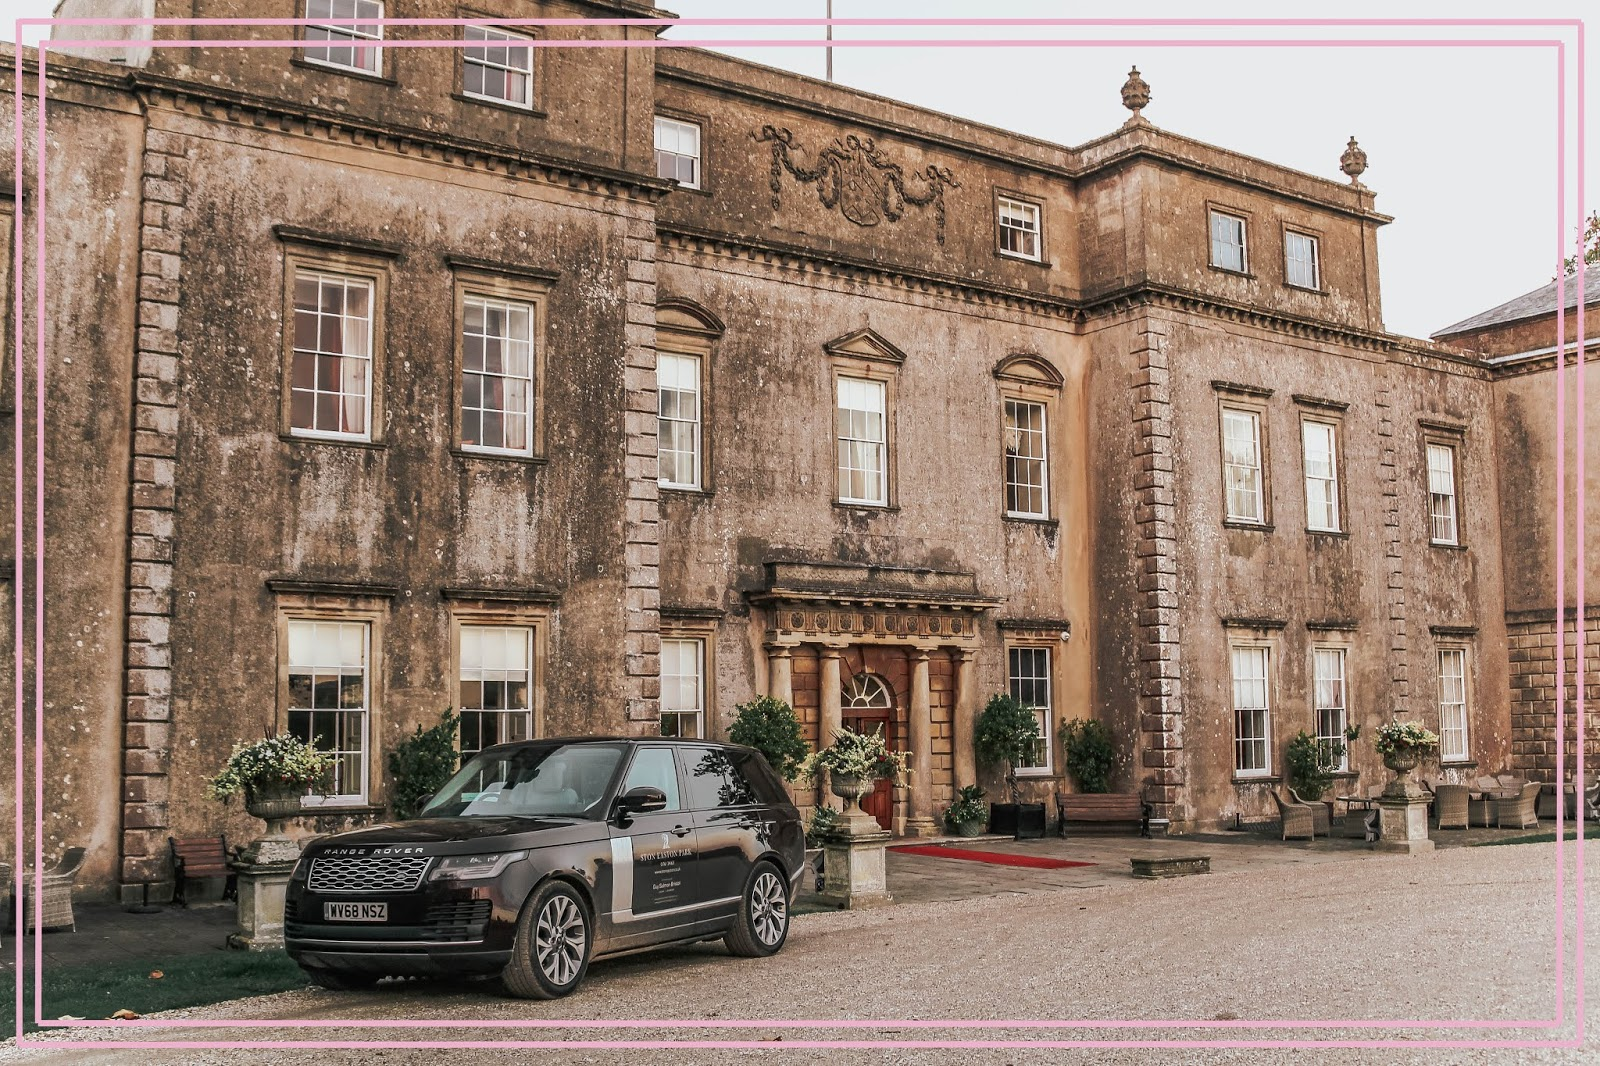 Ston Easton Park Hotel Branded Black Range Rover